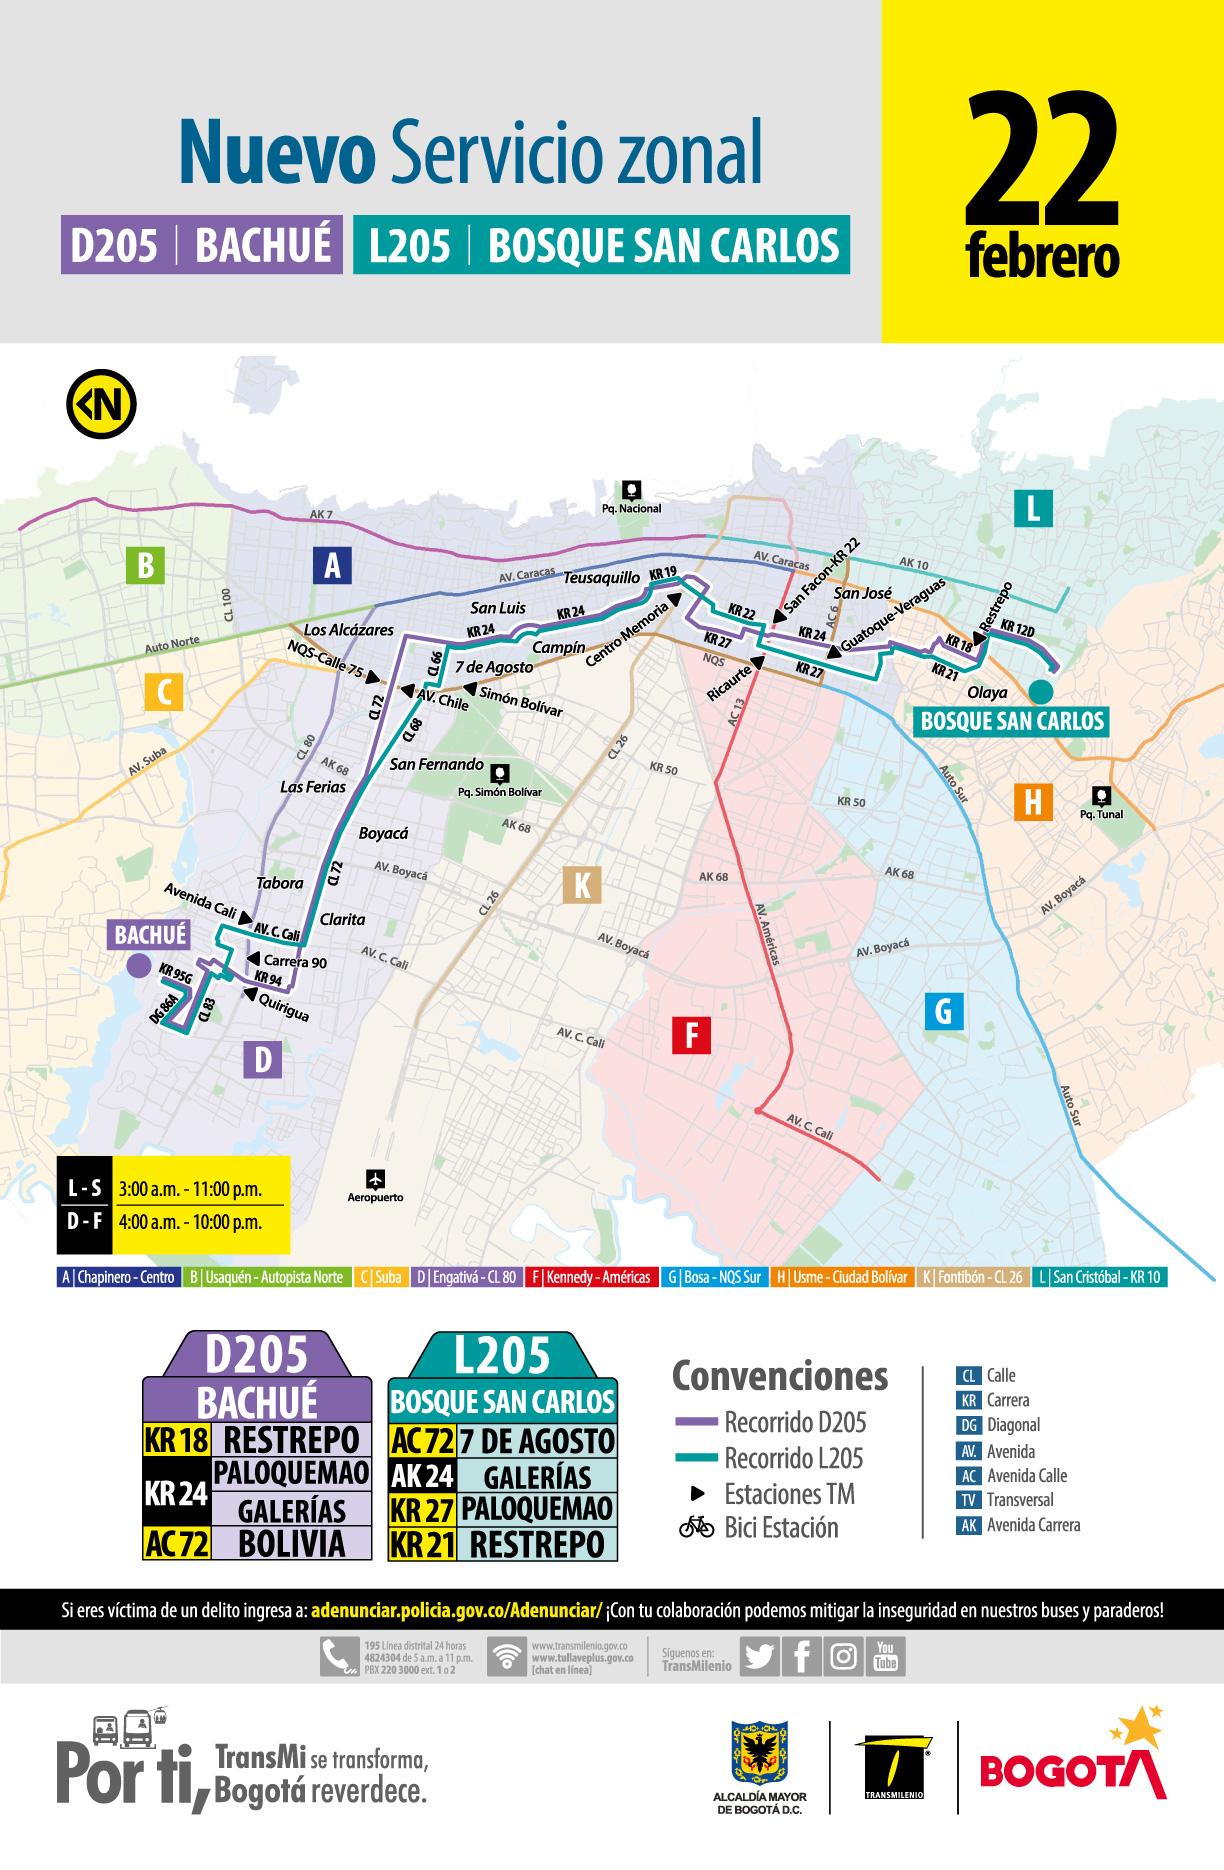 Mapa de la ruta D205 Bachué - L205 Bosque San Carlos